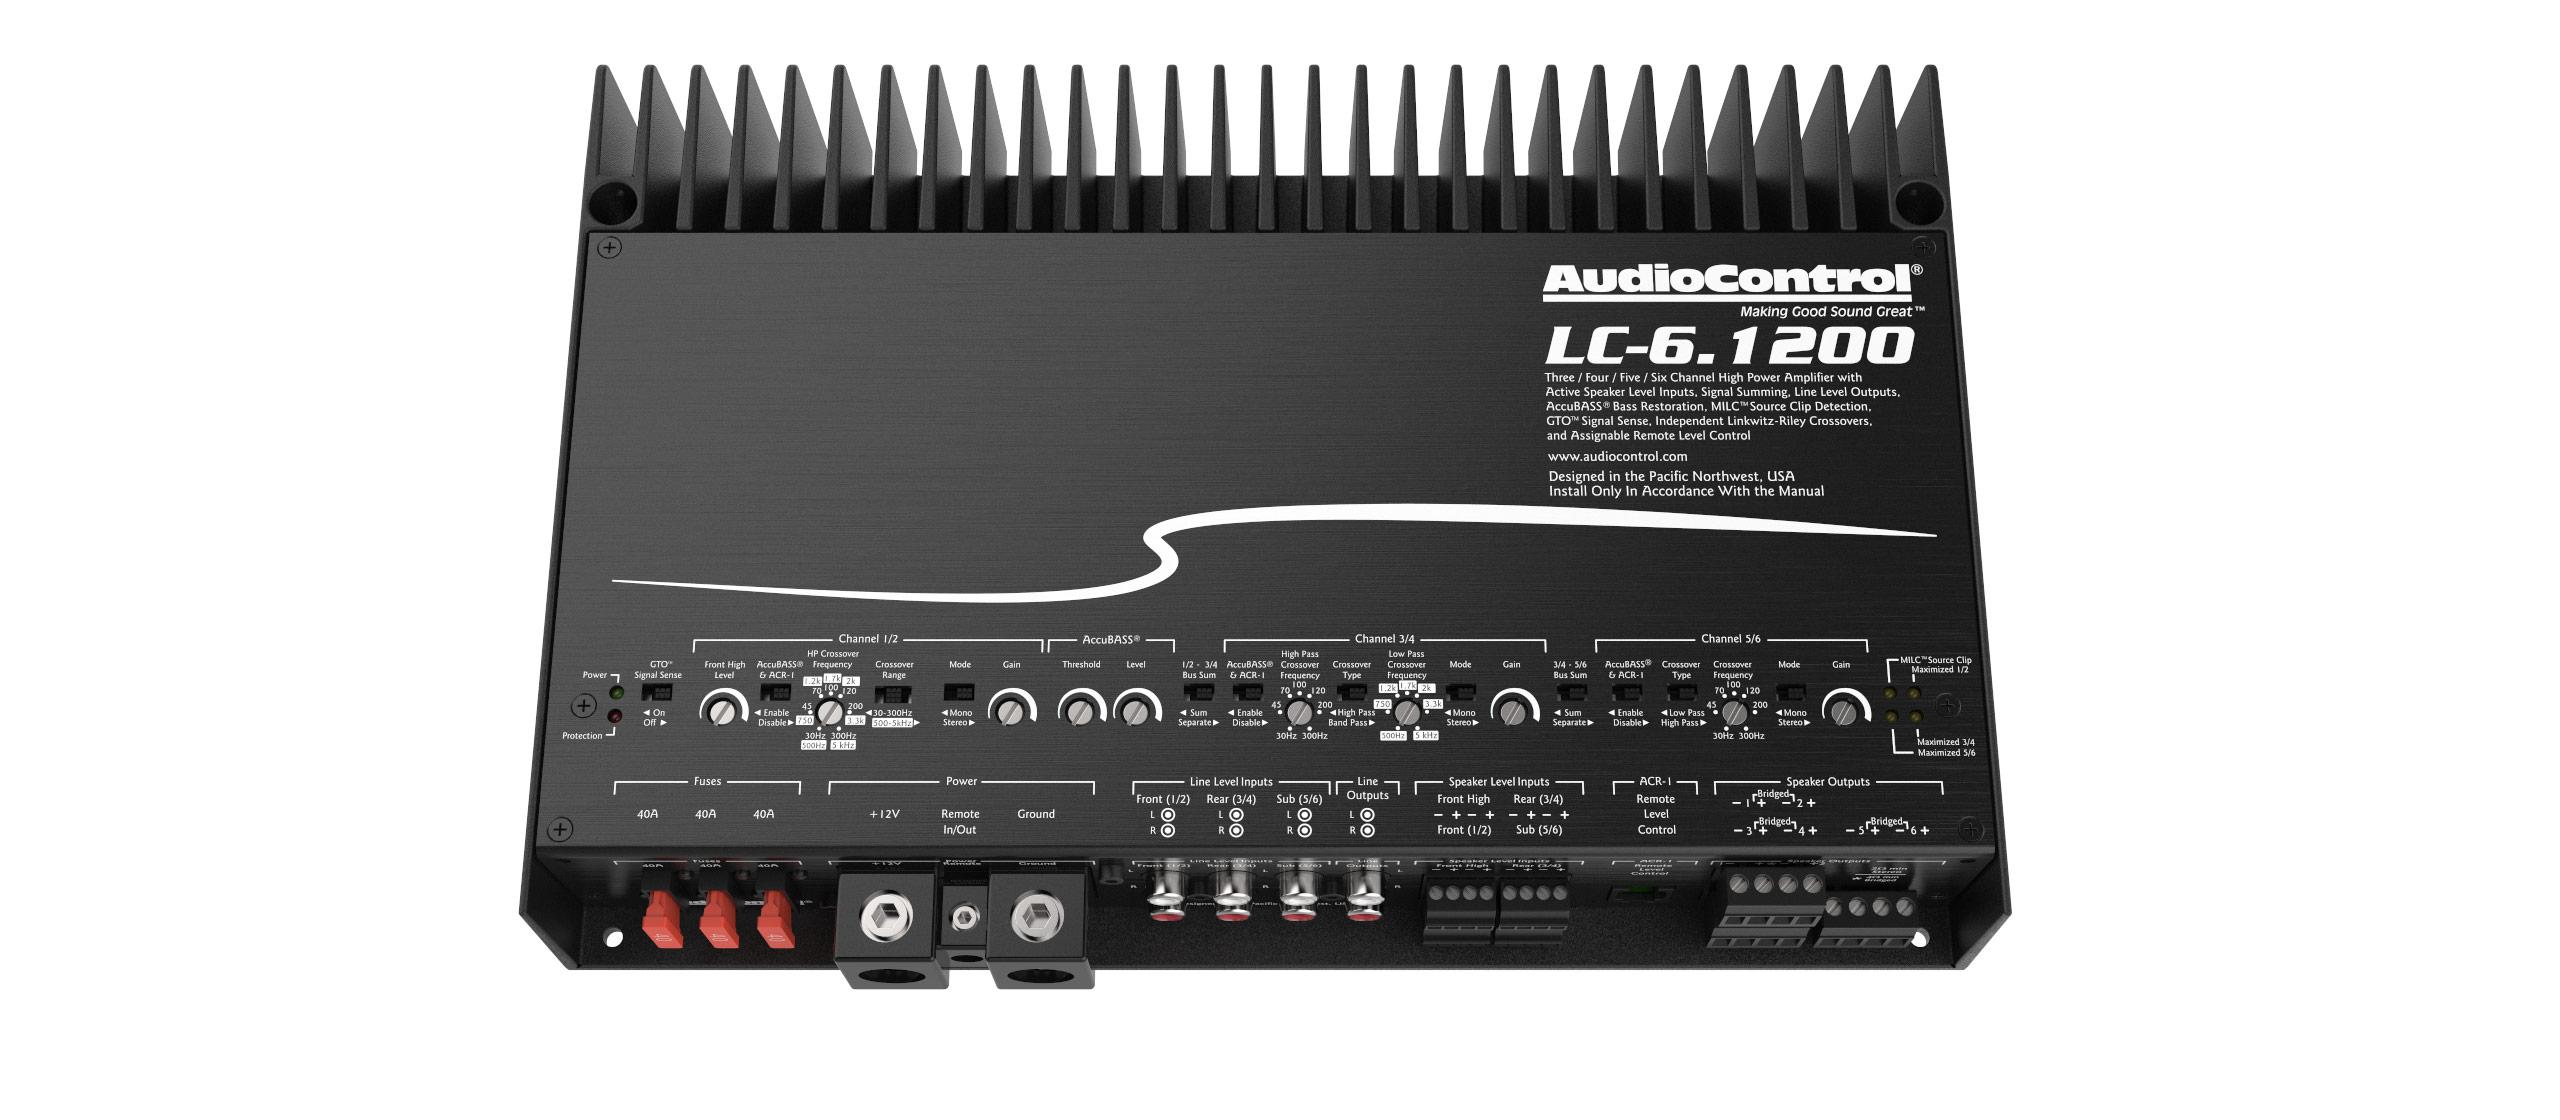 lc-61200-top-coveroff-no-shadow-copy